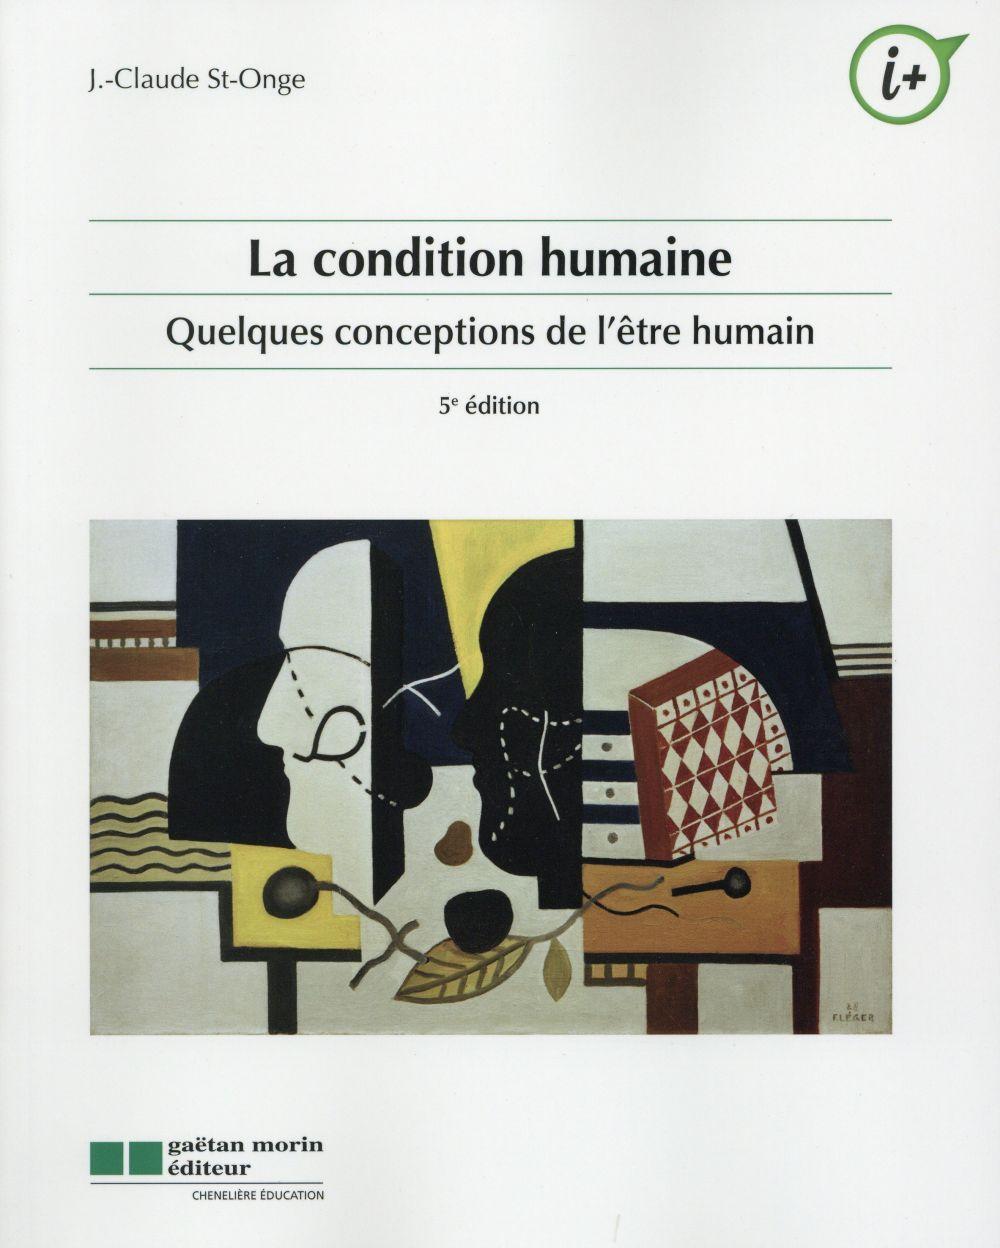 La condition humaine ; quelques conceptions de l'être humain (5e édition)